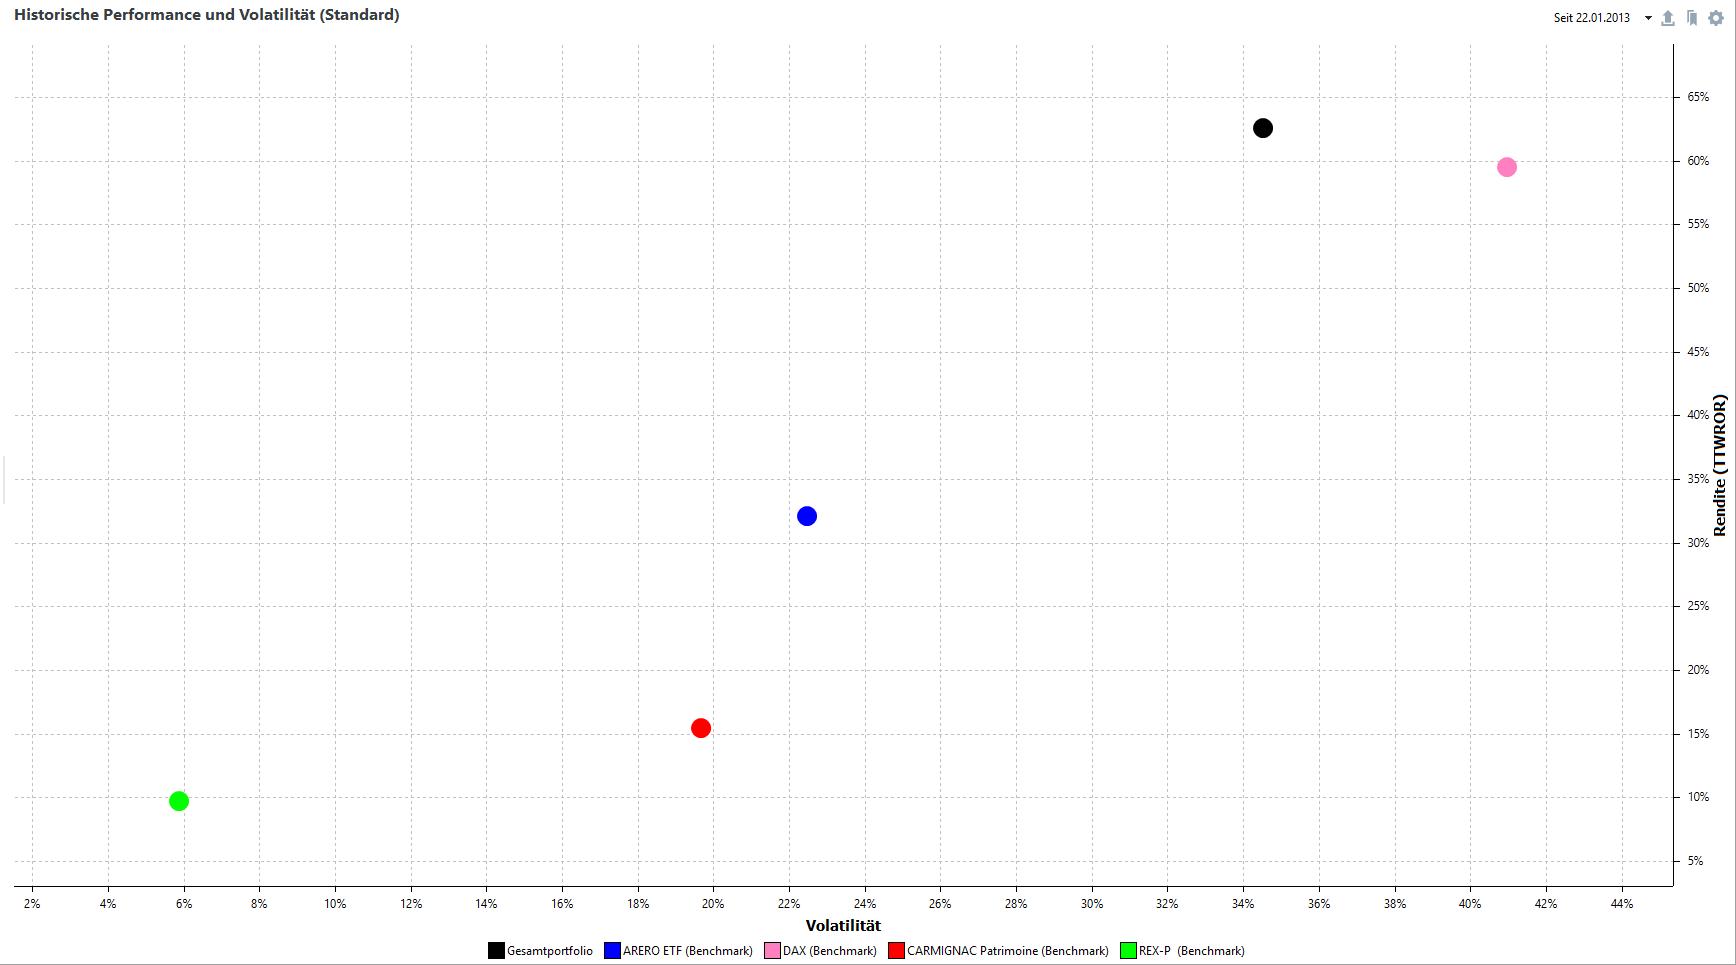 Risiko-Rendite-Diagramm seit Auflegung am 22.01.2013